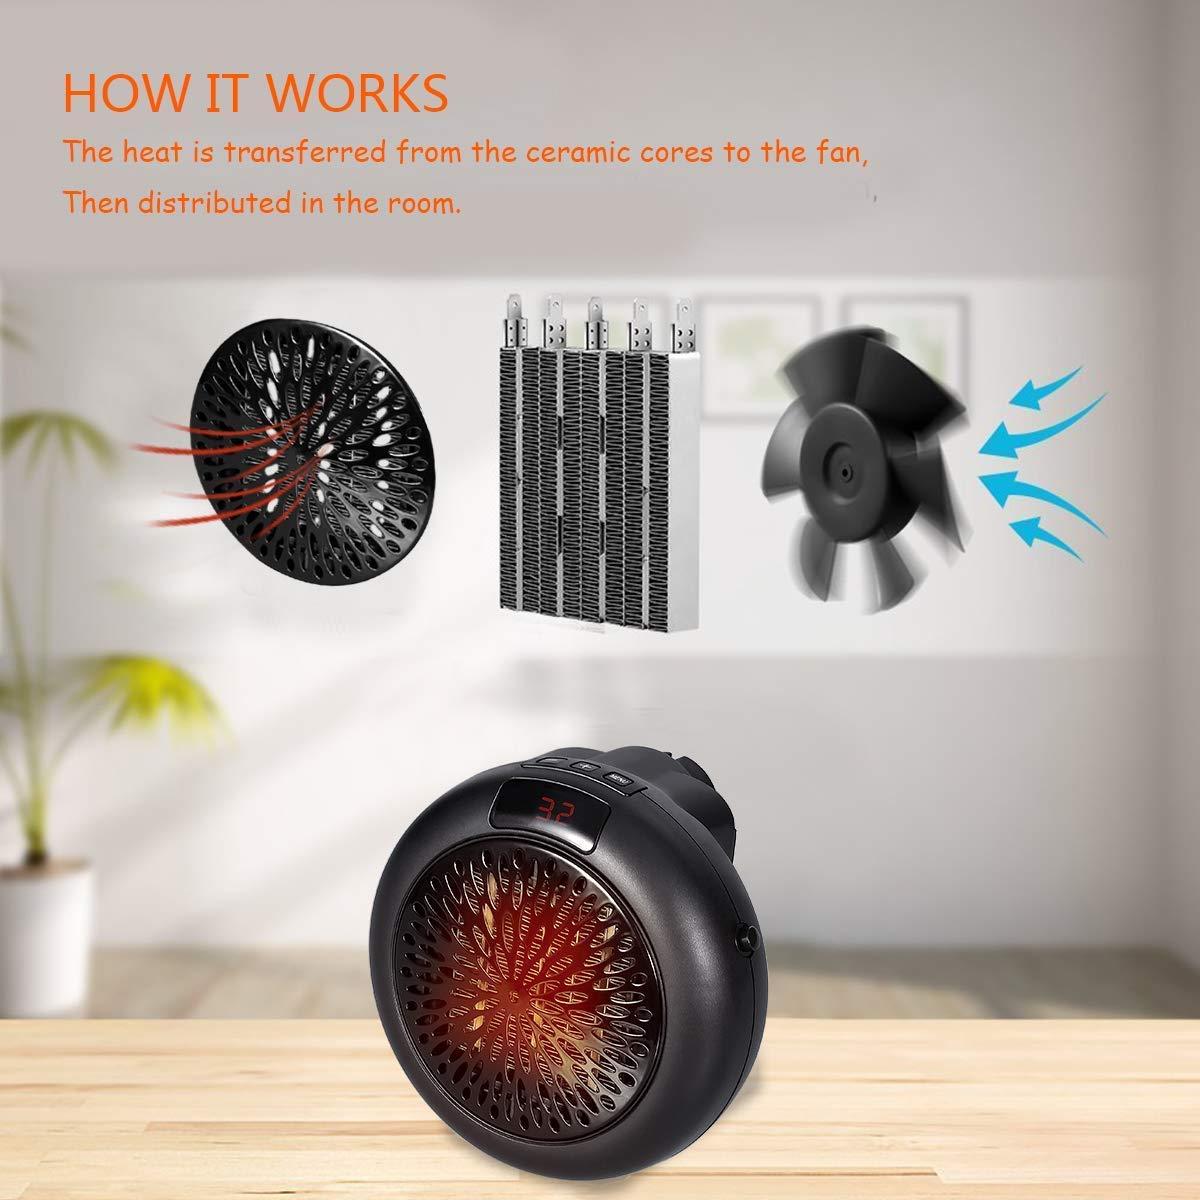 YOOUOOK Mini Fan Riscaldatore Elettrico,Desktop Household Riscaldatore,Kitchen Riscaldatore Portatile,Stufa Radiatore Warmer Machine,Riscaldatore Forno Elettrico Bianco